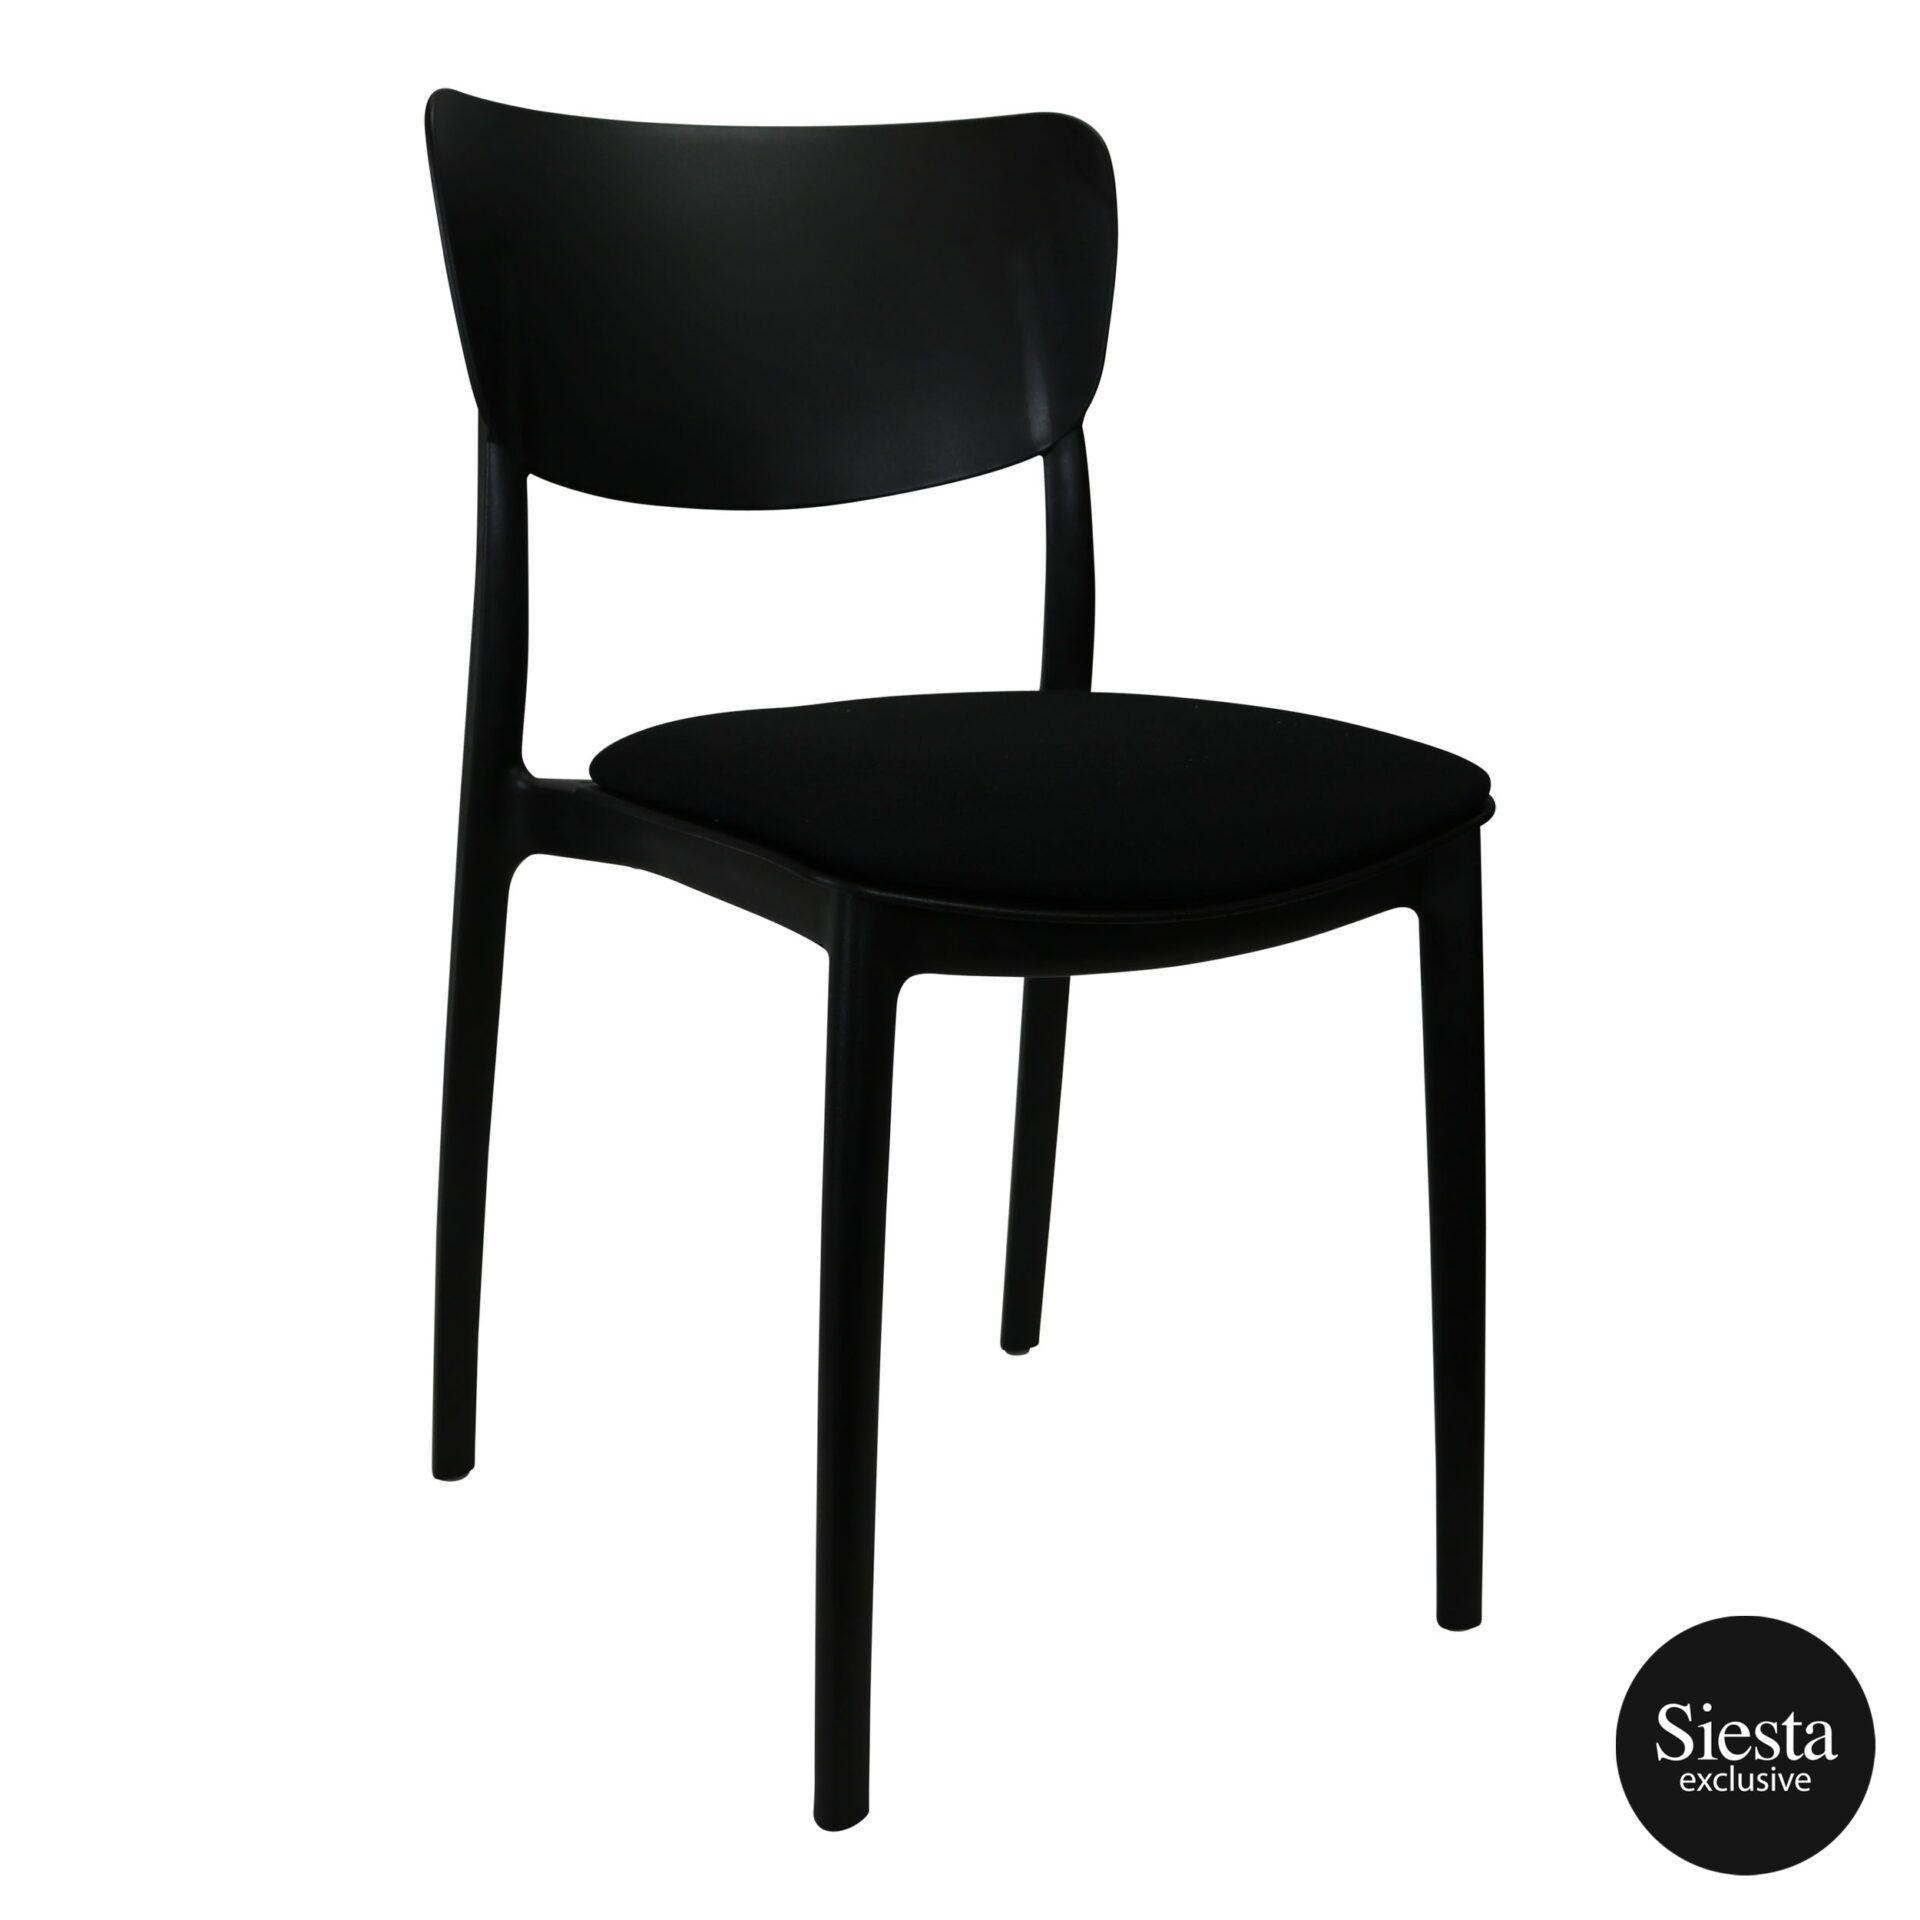 monna chair black c4a